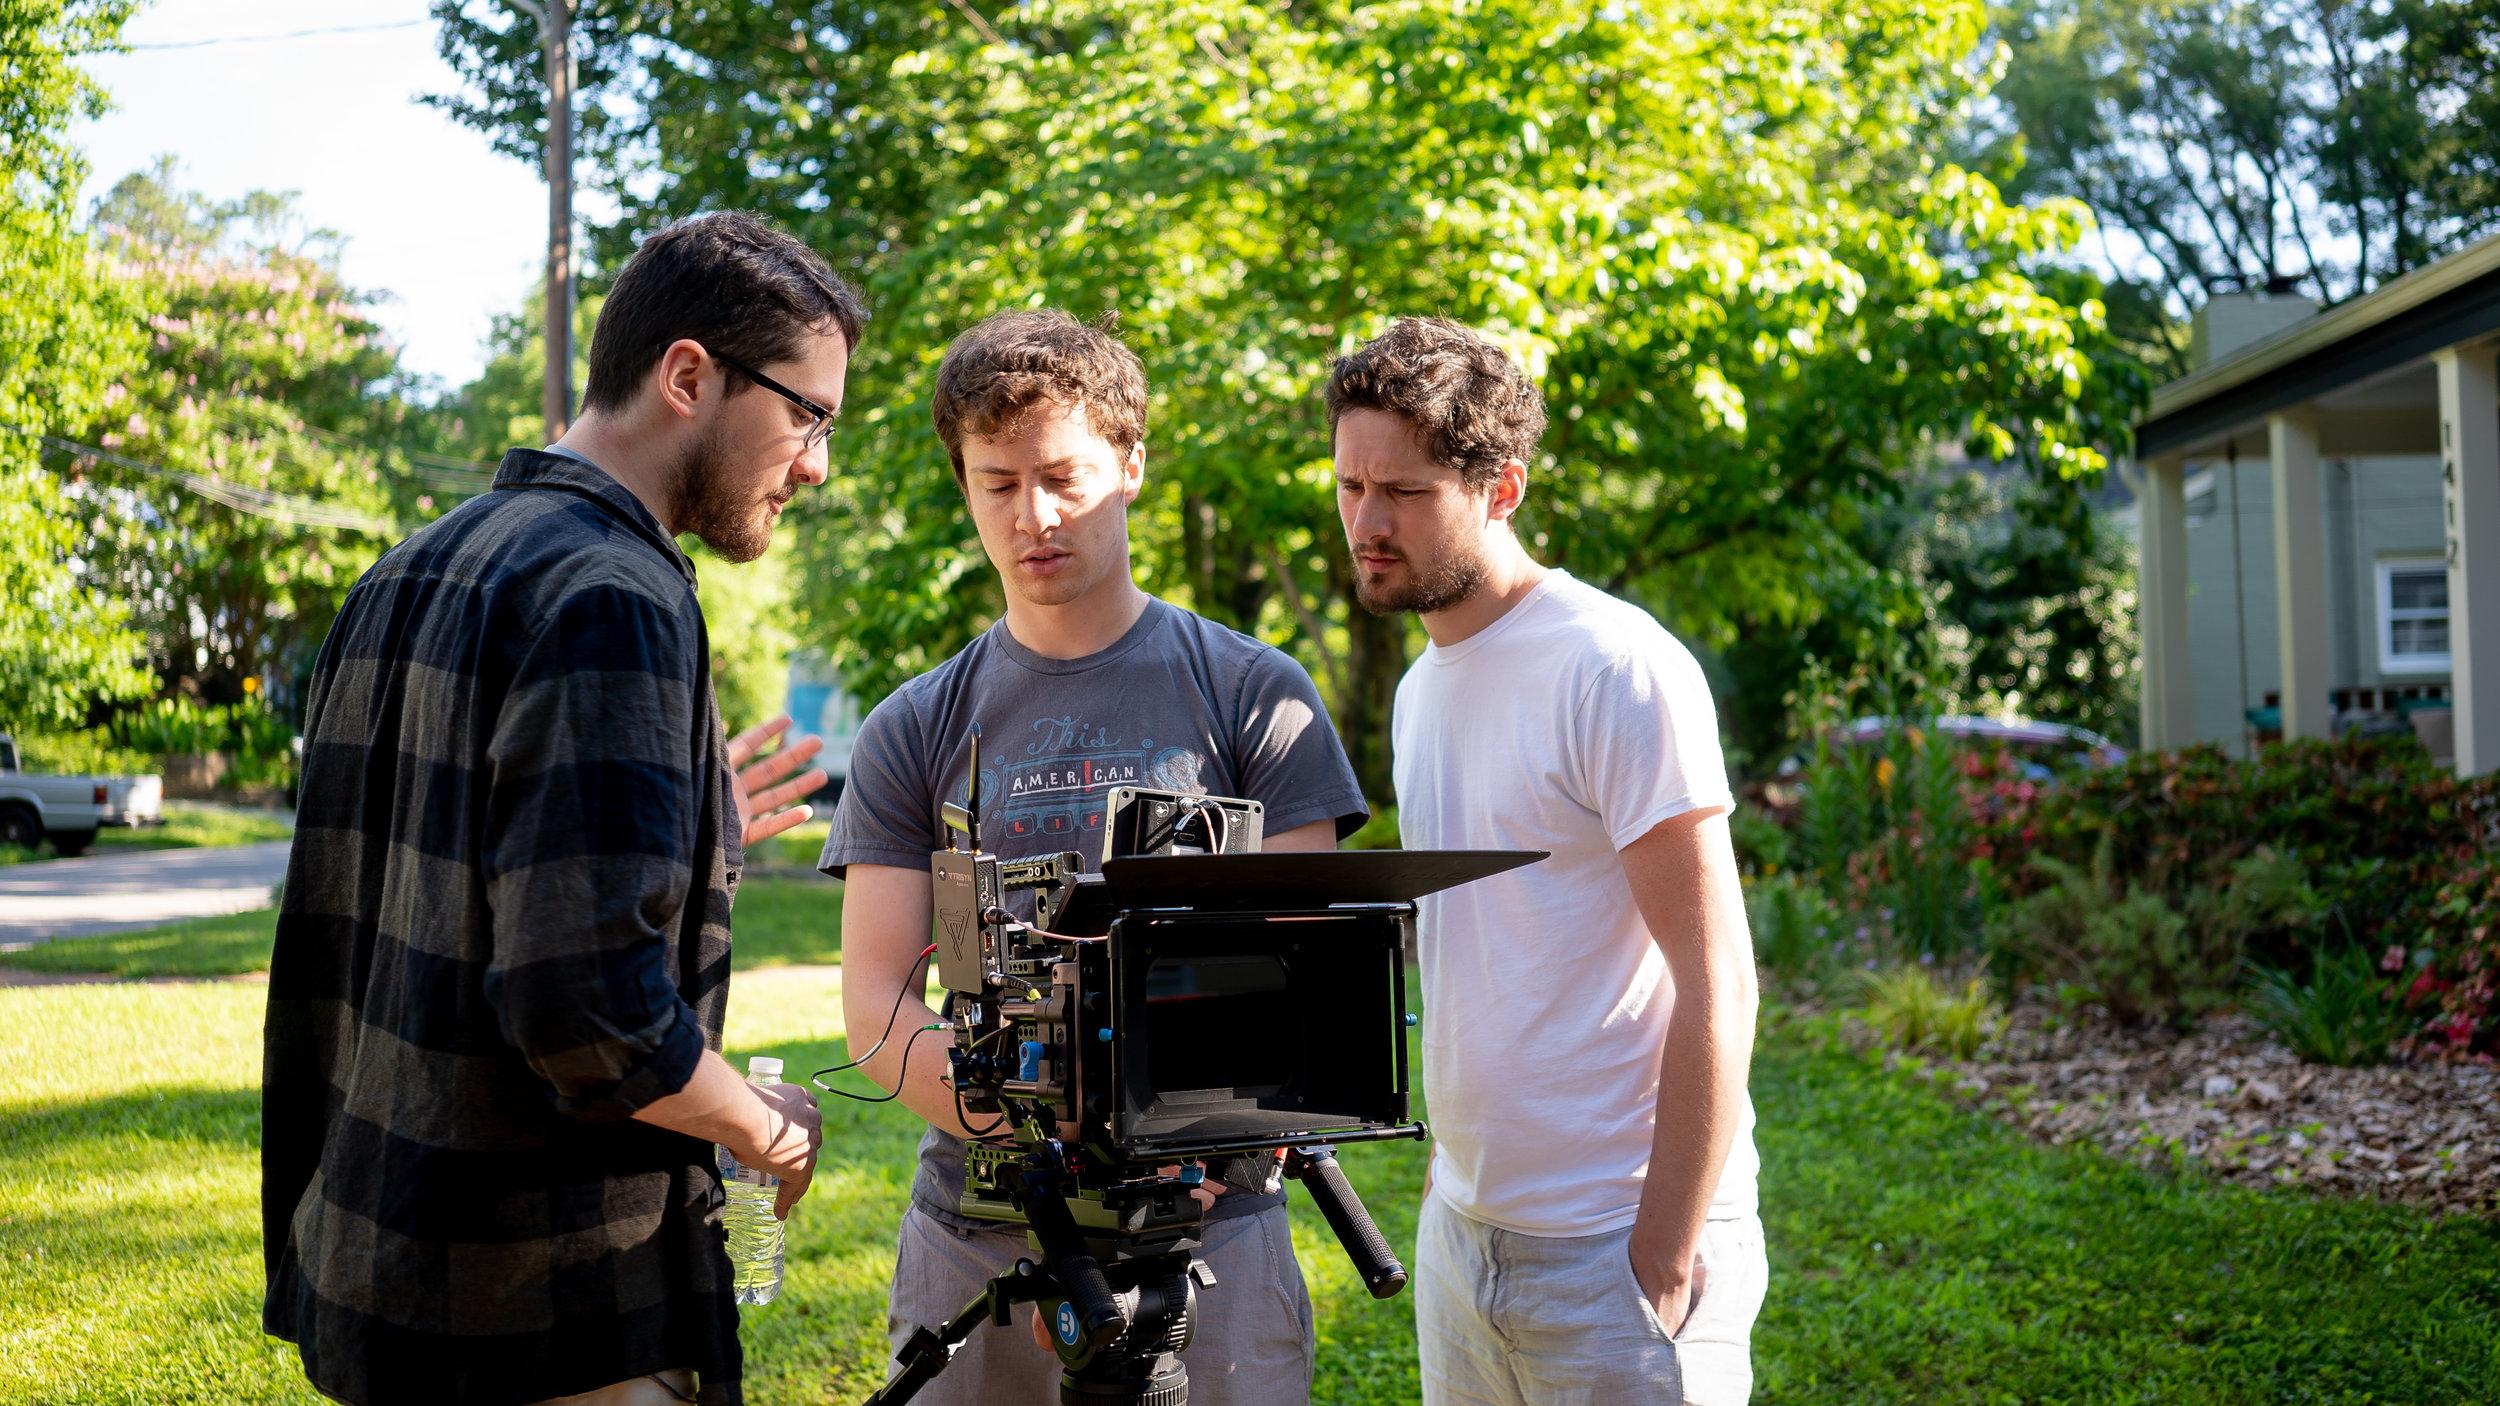 Short Film Production Still 1